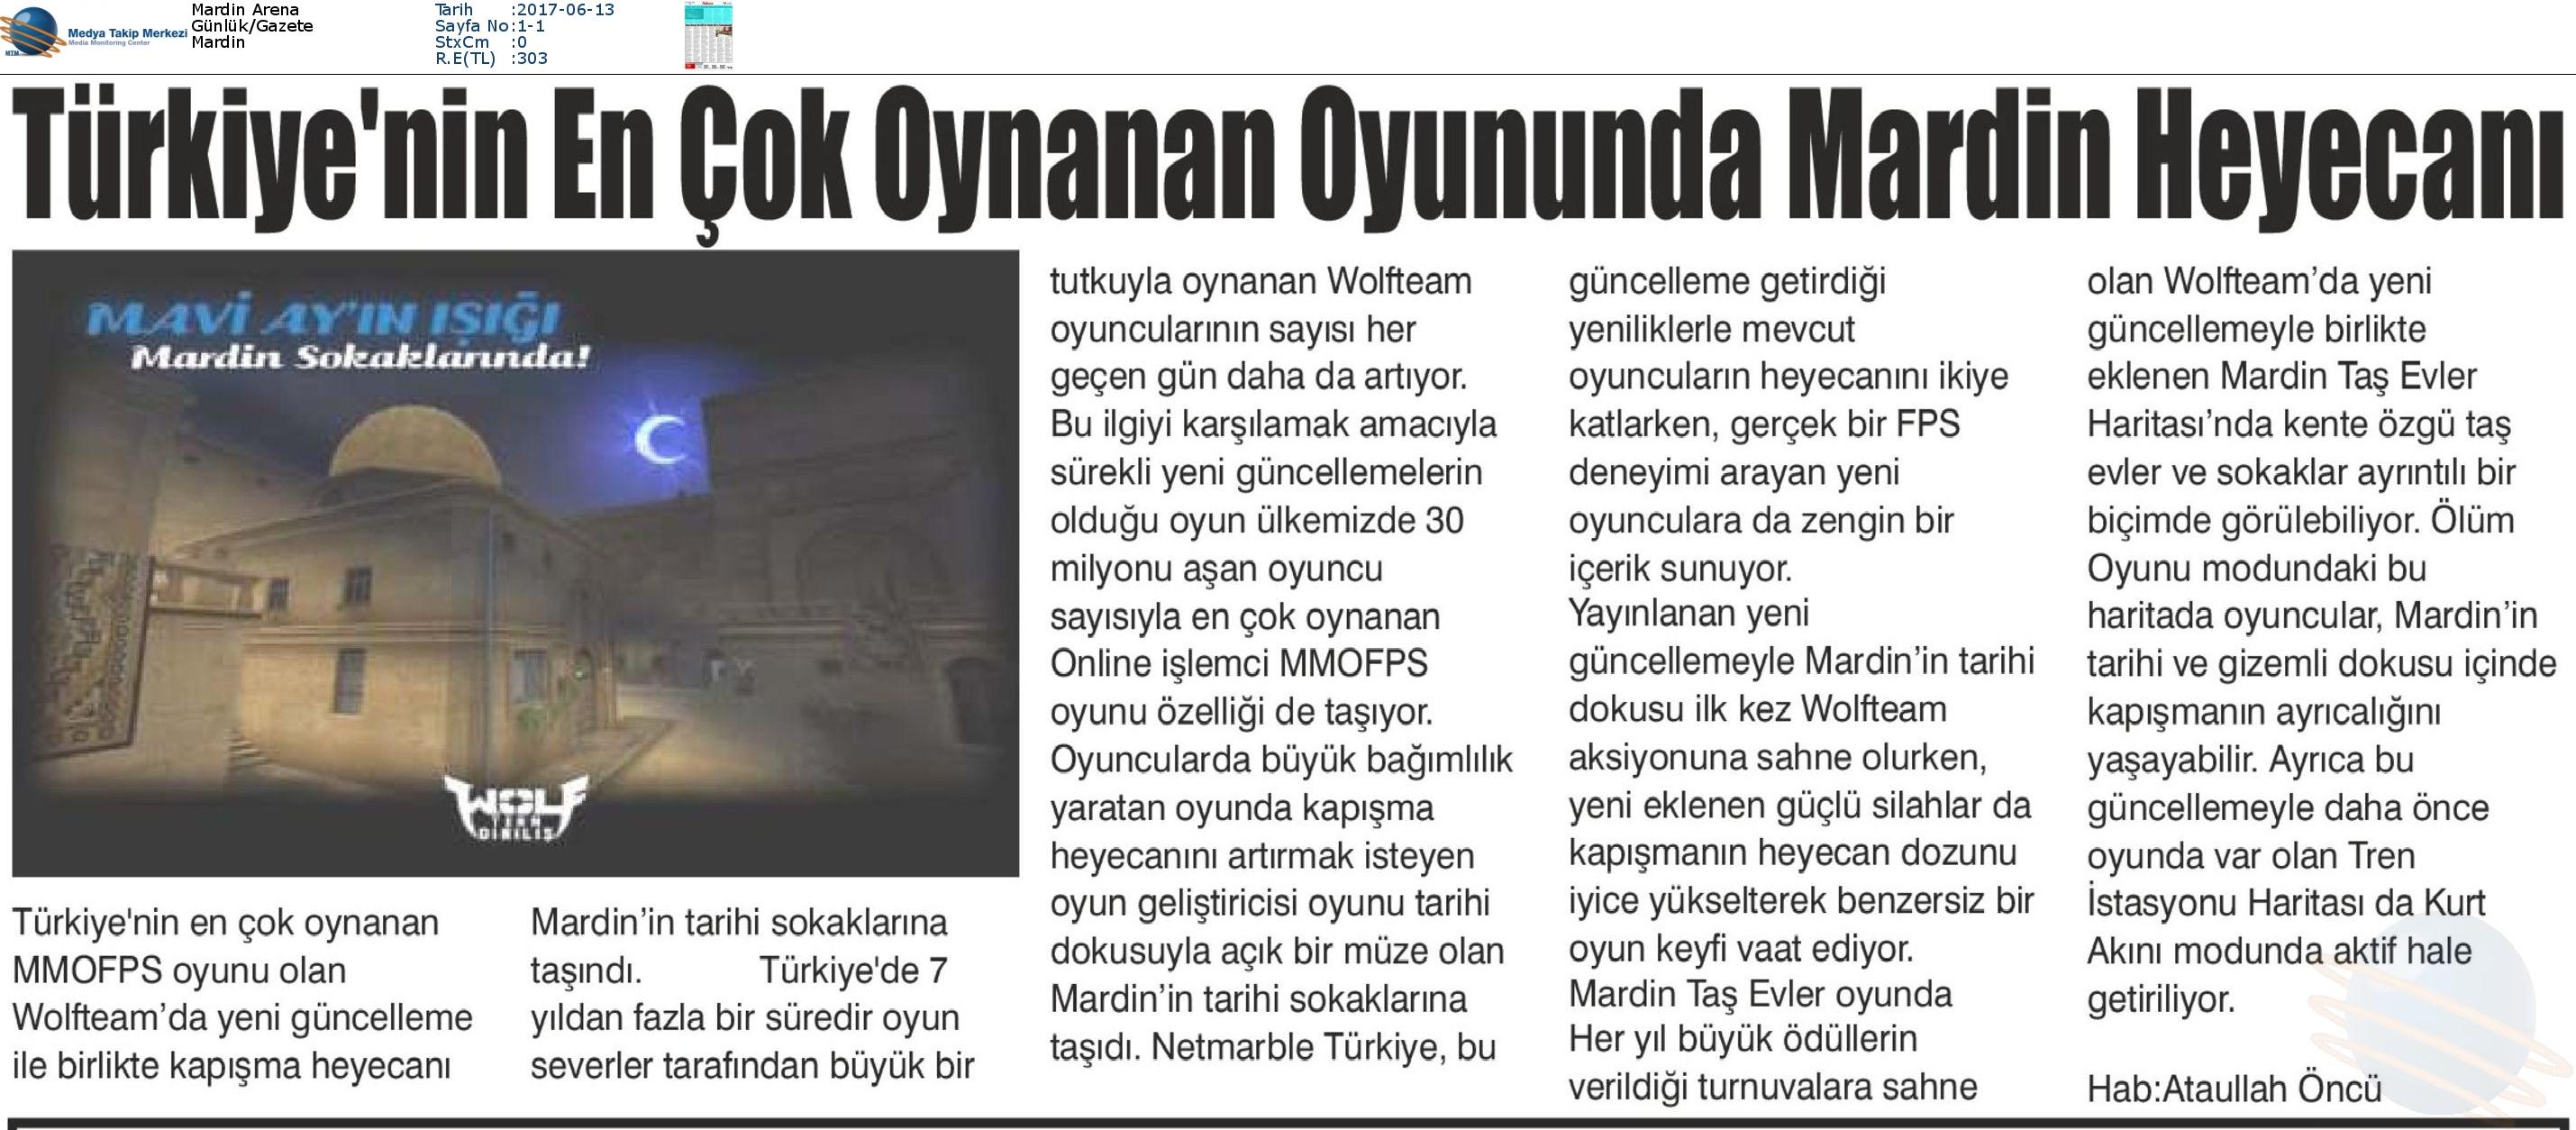 Mardin_Arena-TÜRKİYE_NİN_EN_ÇOK_OYNANAN_OYUNUNDA_MARDİN_HEYECANI-13.06.2017(1) (2)